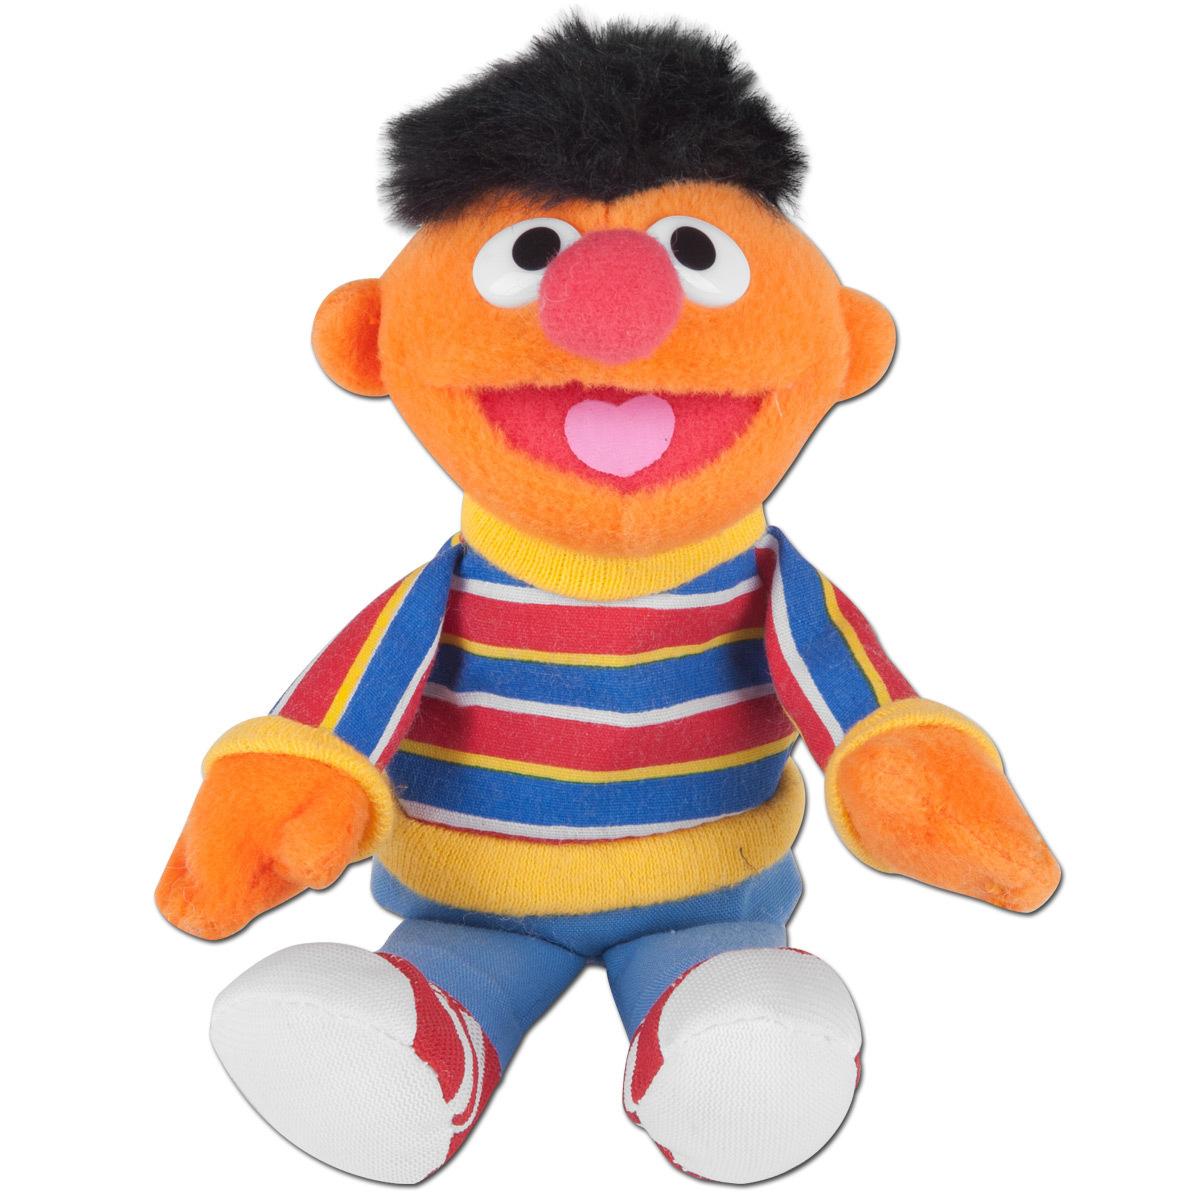 Ernie Finger Puppet